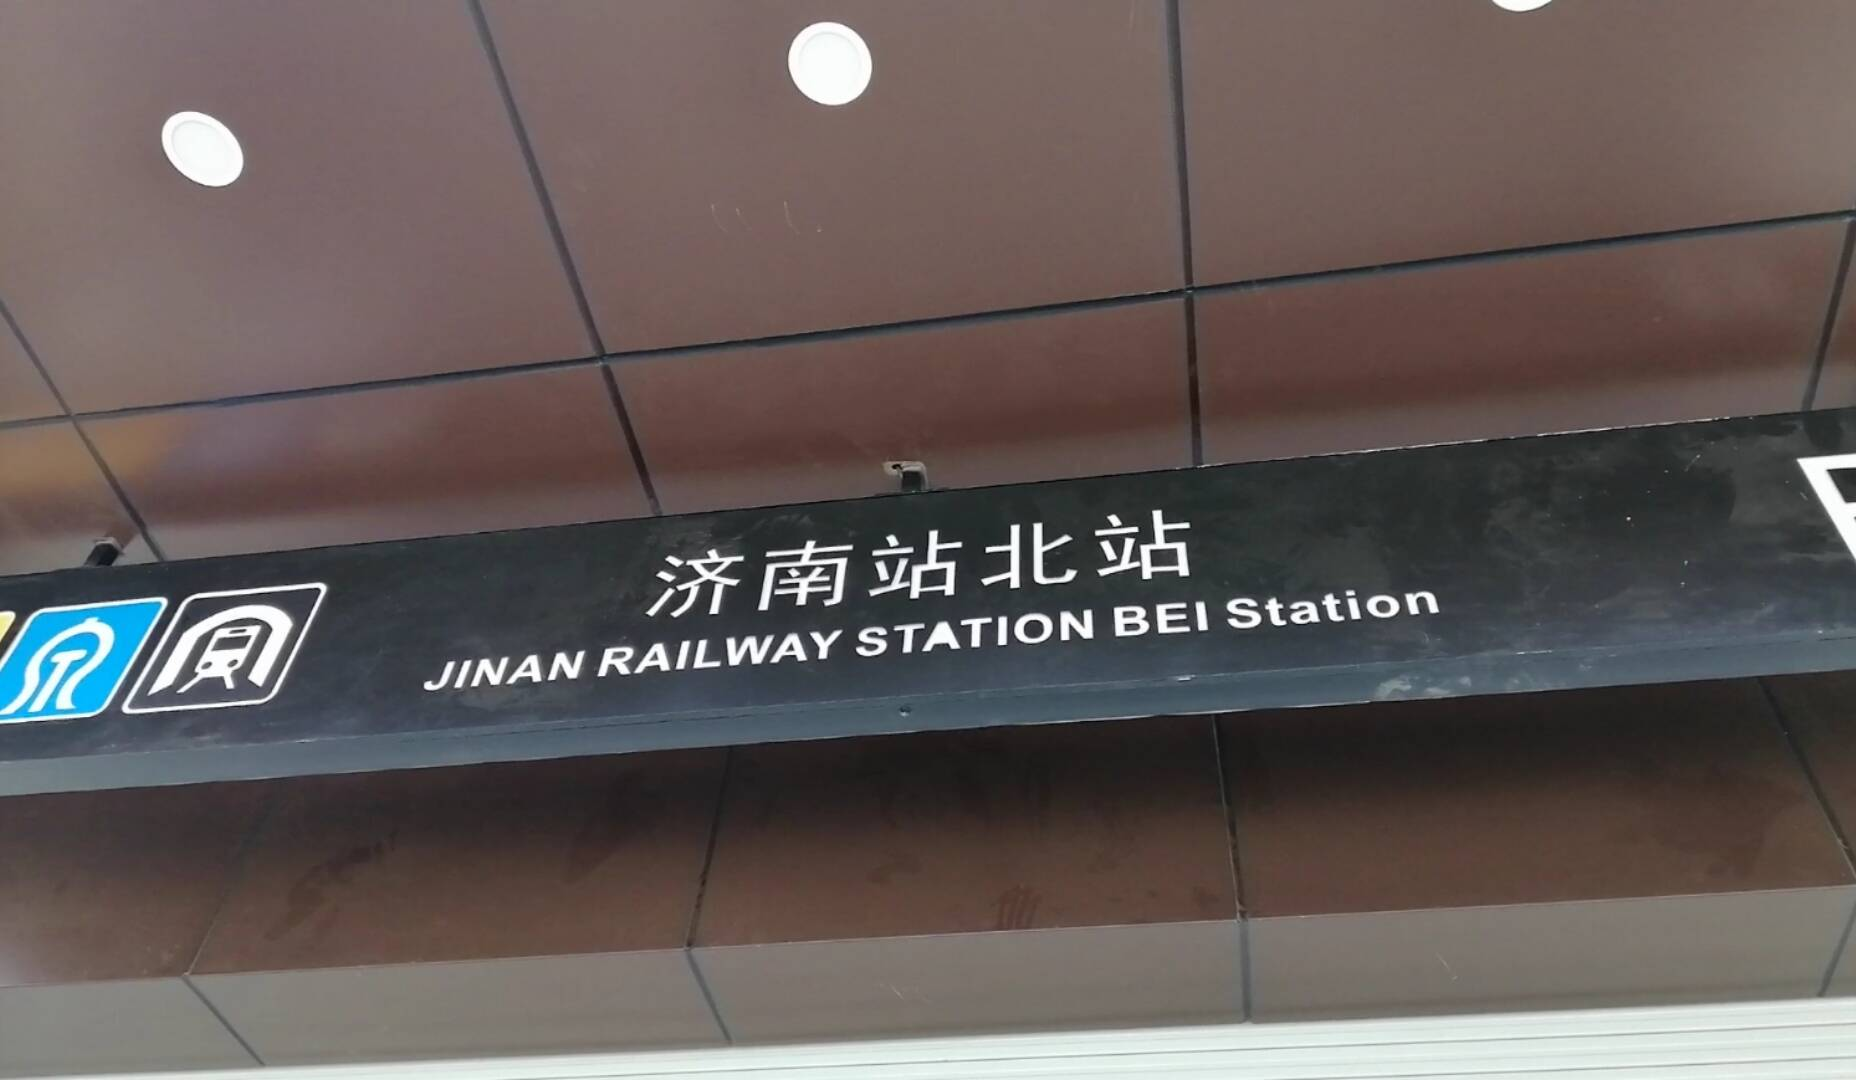 """到底是济南站的北站还是""""济南站北""""站?济南站北站被翻译成JINAN RAILWAY STATION BEI Station引热议"""